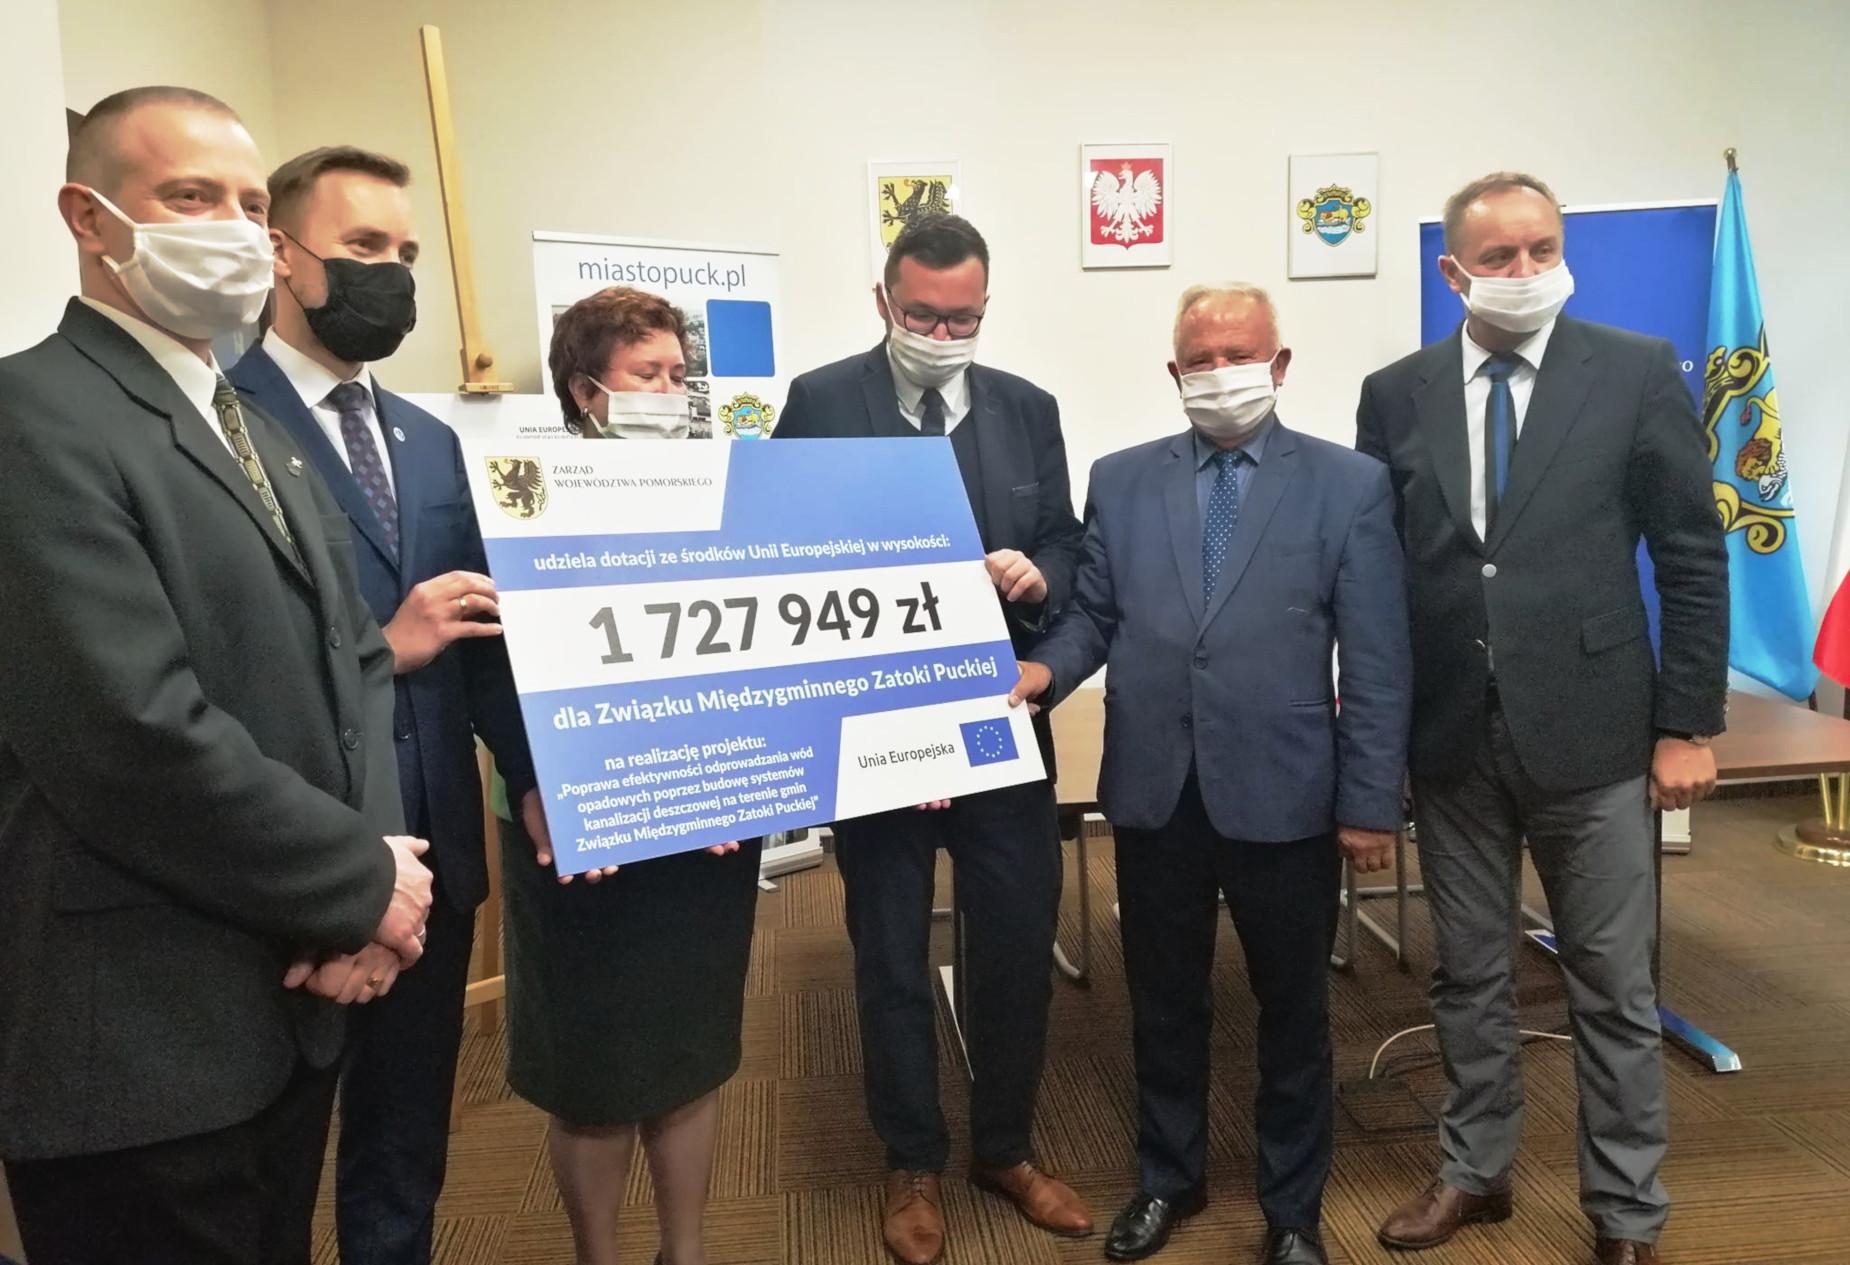 Ponad 1,7 mln zł więcej dla Pucka. Dzięki zwiększonemu dofinansowaniu powstanie m.in. kanalizacja deszczowa